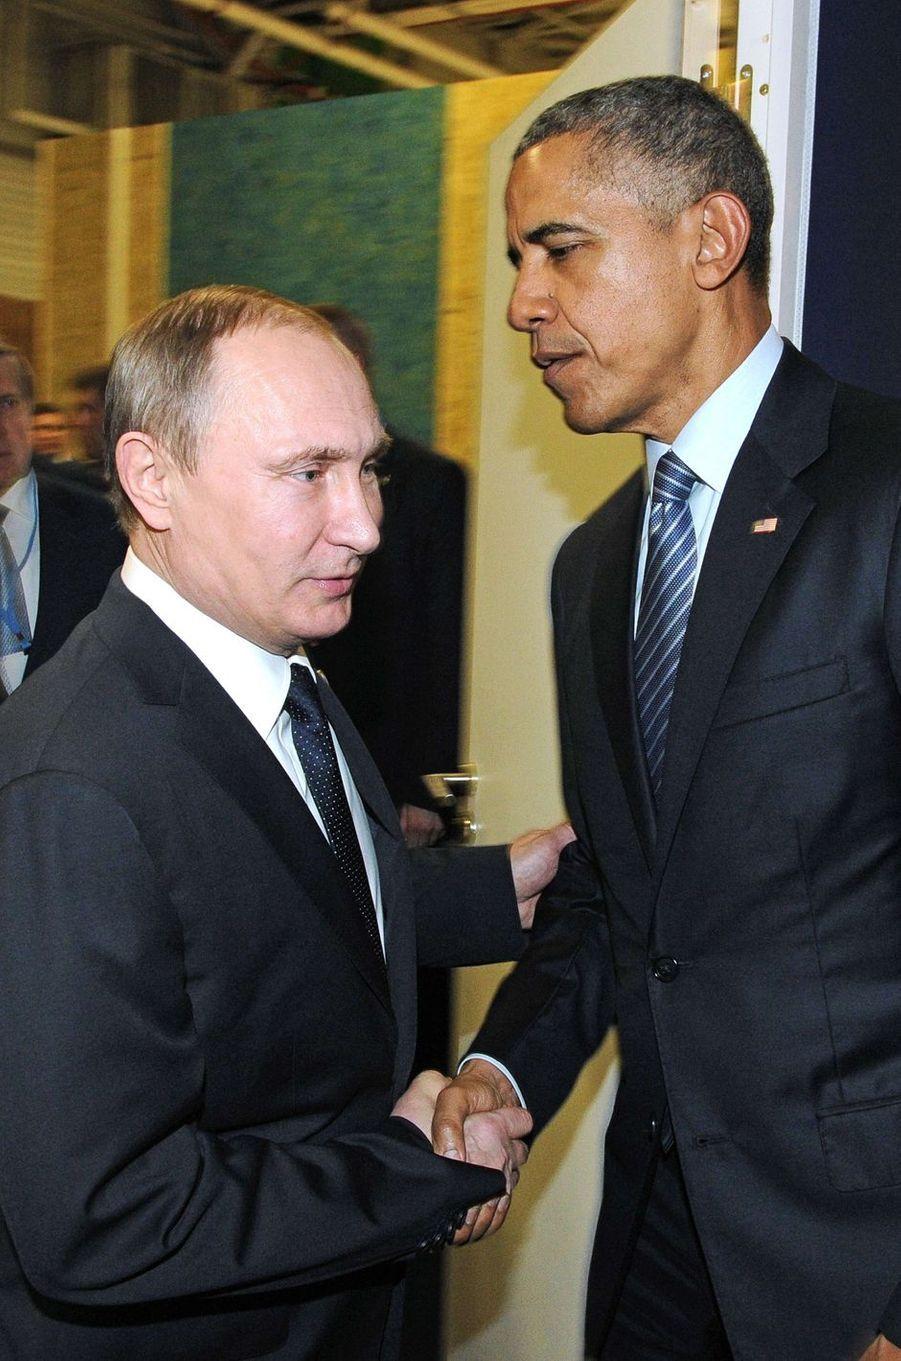 Vladimir Poutine et Barack Obama à la COP21 à Paris, le 30 novembre 2015.